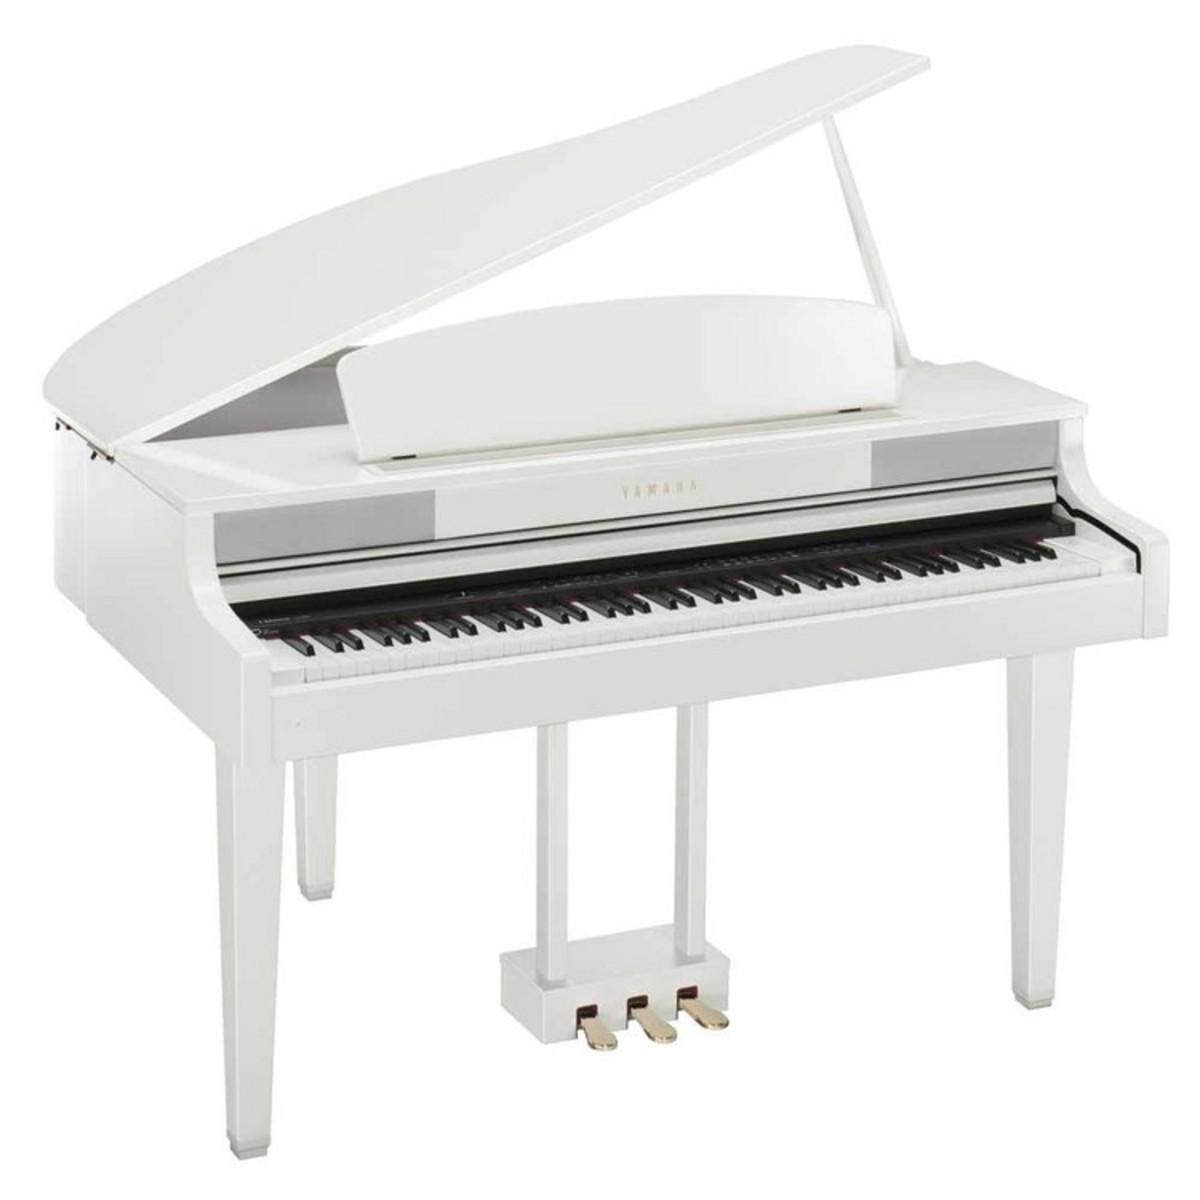 yamaha clp465 piano queue blanc brillant avec banc assorti. Black Bedroom Furniture Sets. Home Design Ideas